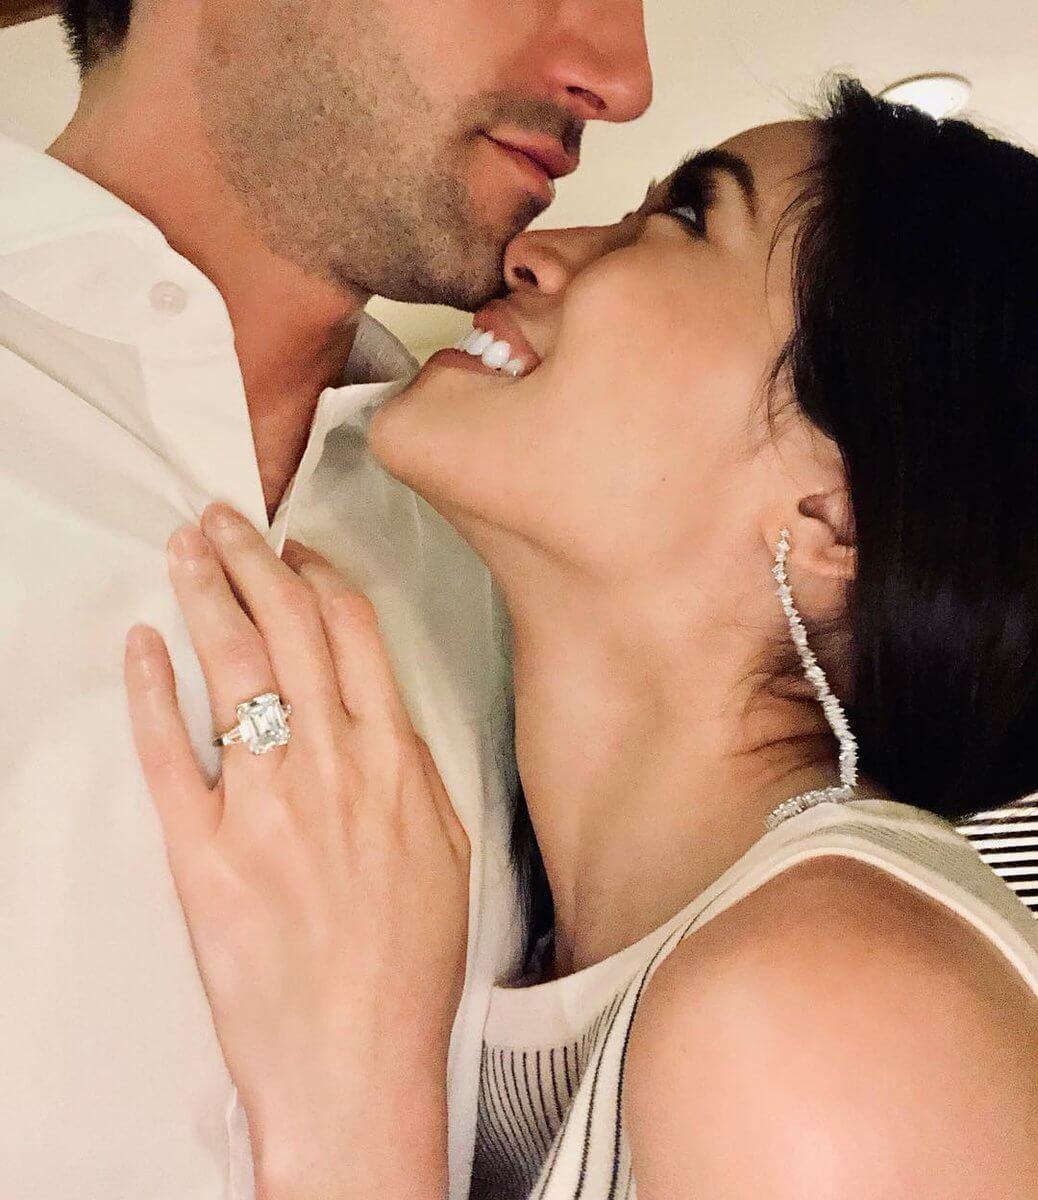 エヴァン・ライサチェクがインスタグラムで婚約を発表。「僕は生きている最も幸運な男だ」